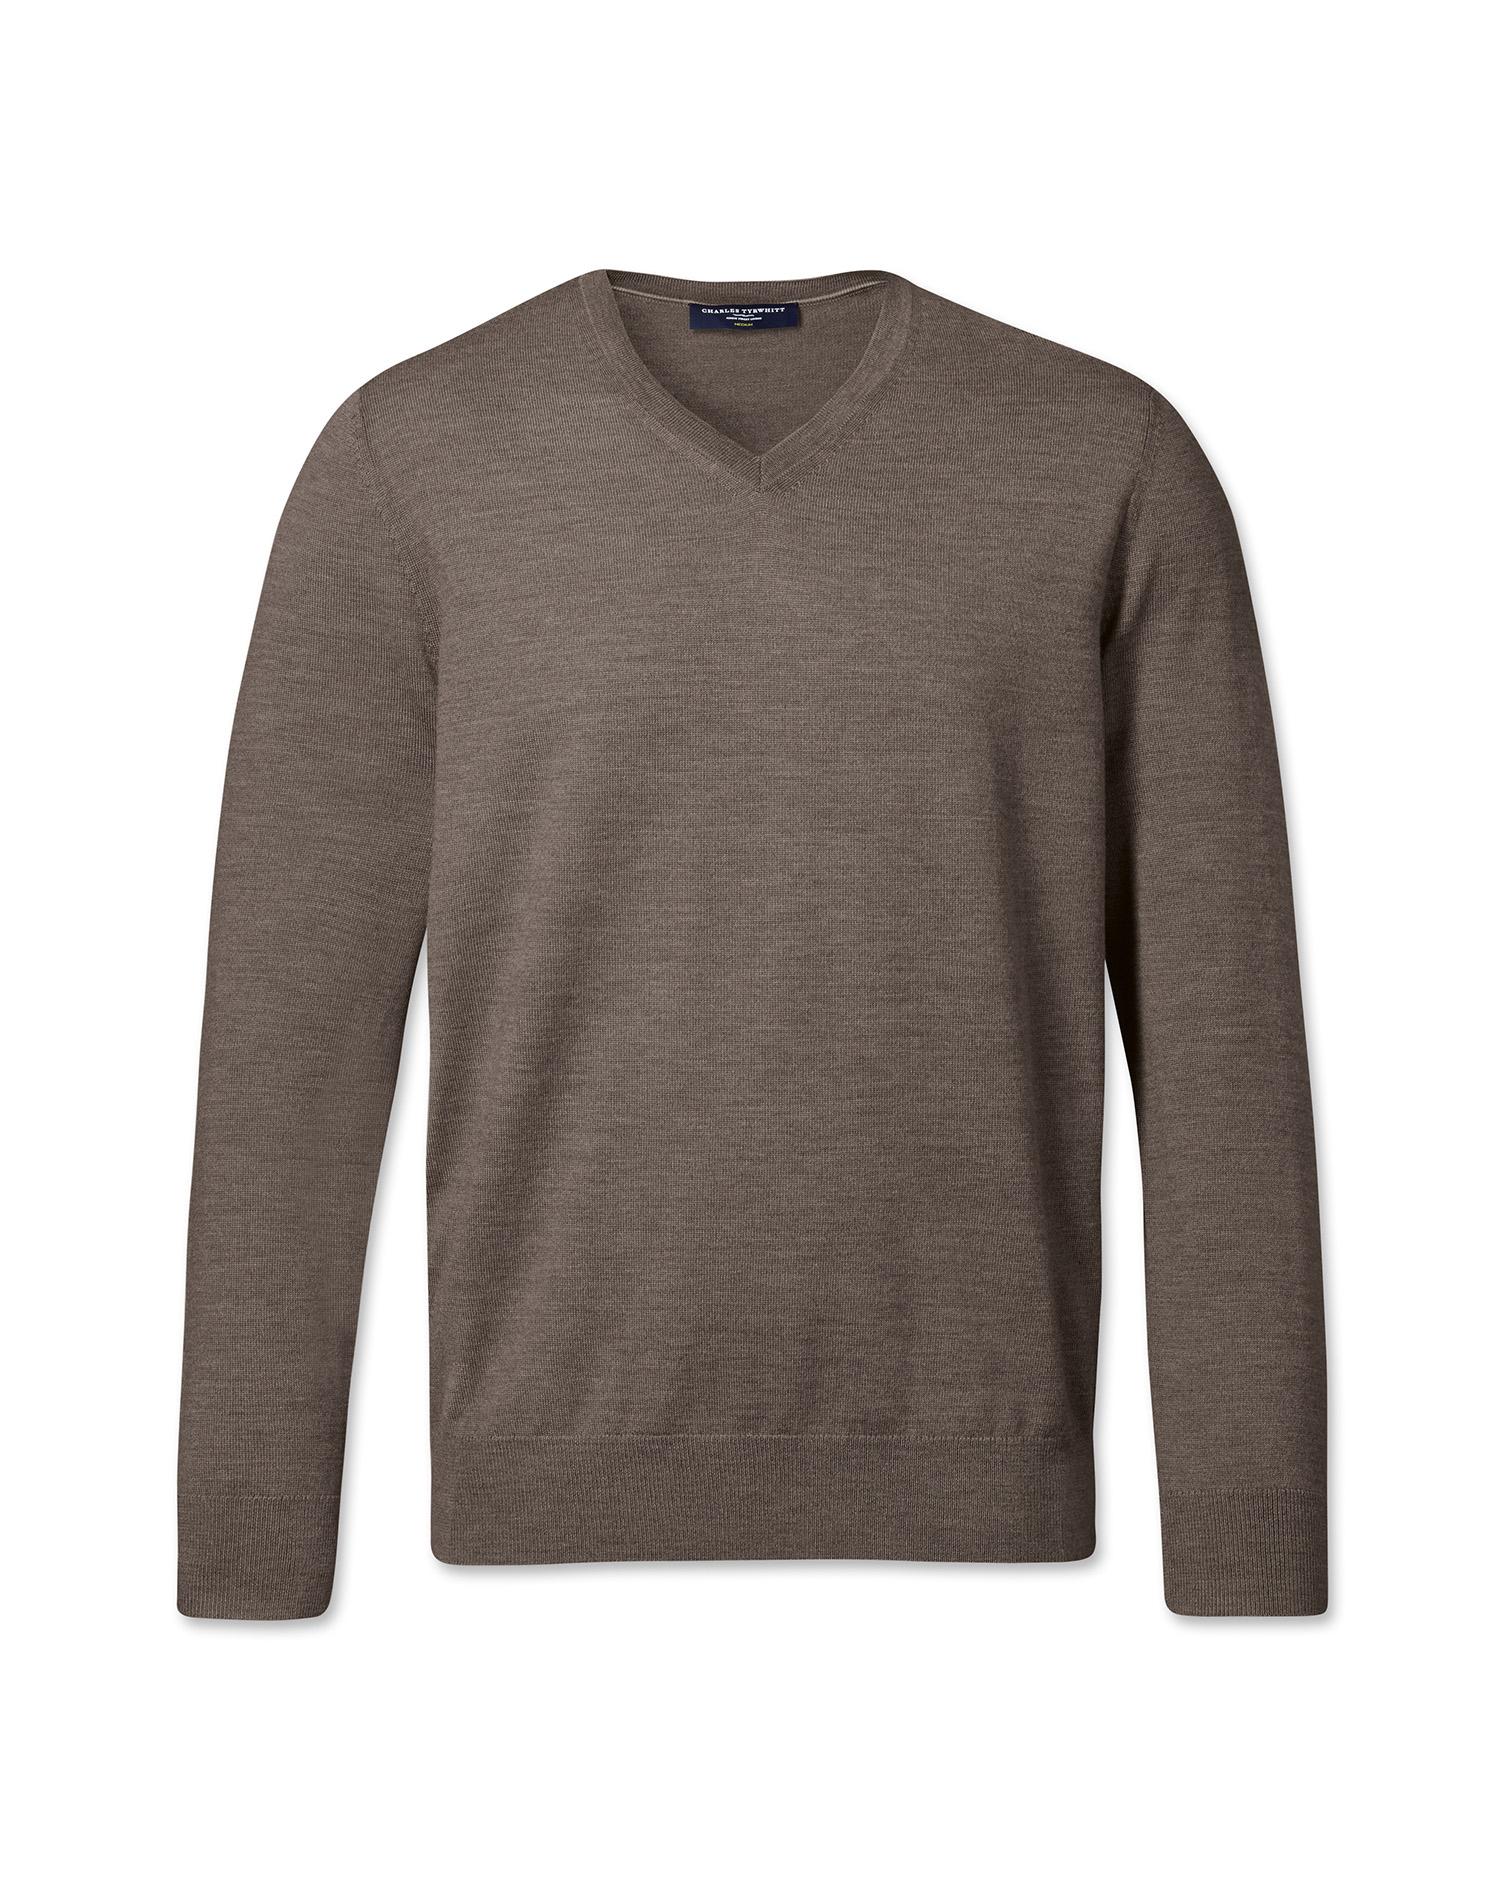 Mocha Merino Wool V-Neck Jumper Size Medium by Charles Tyrwhitt